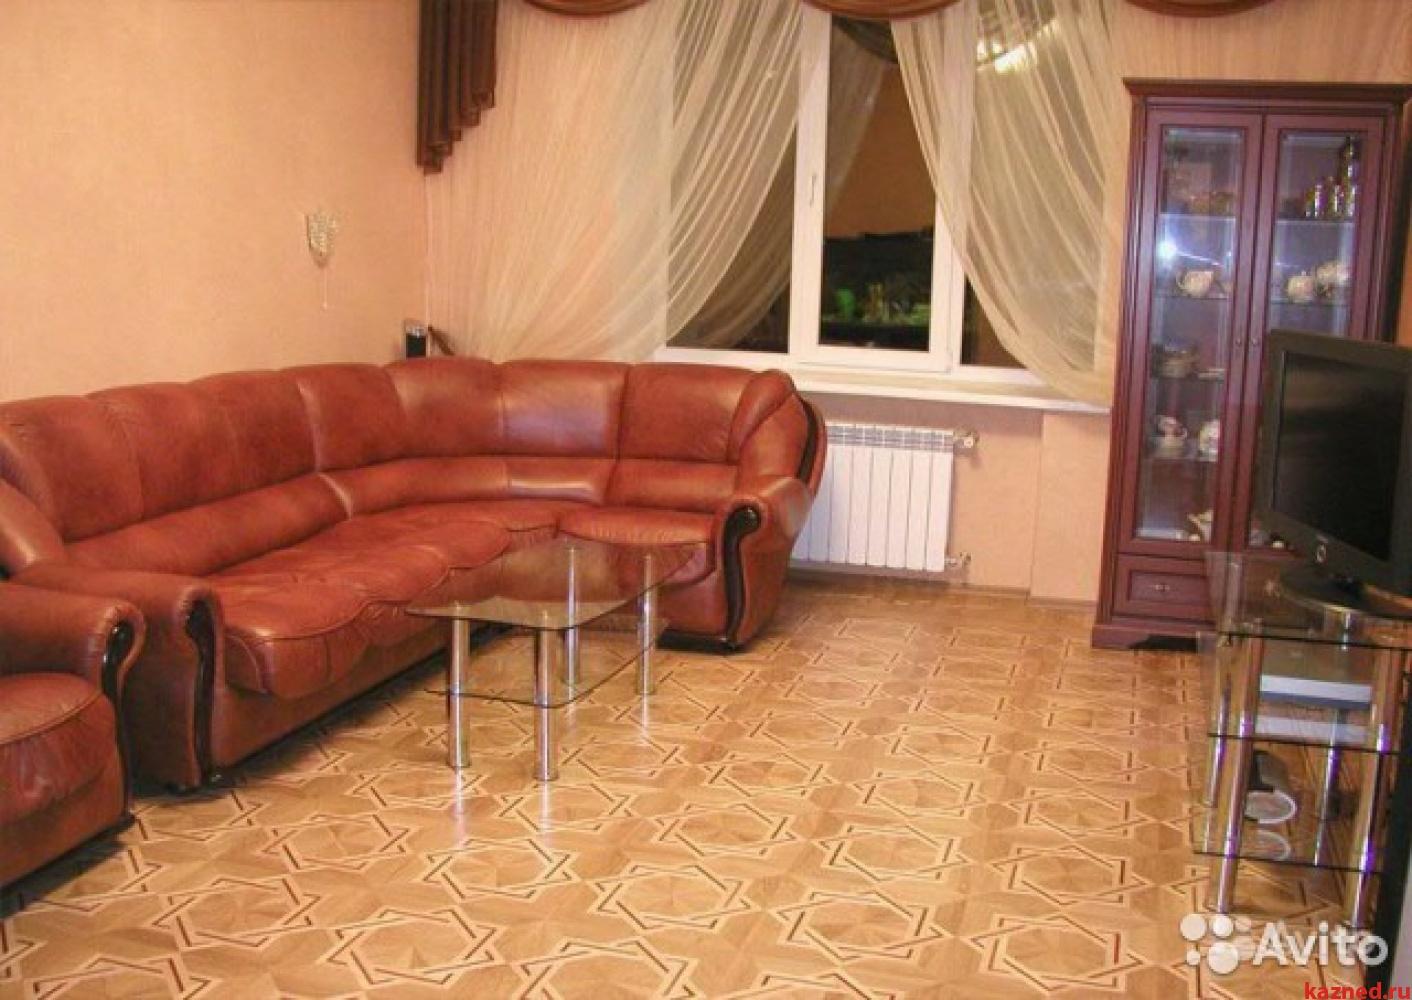 Продажа 3-к квартиры Николая Столярова,5, 117 м2  (миниатюра №4)